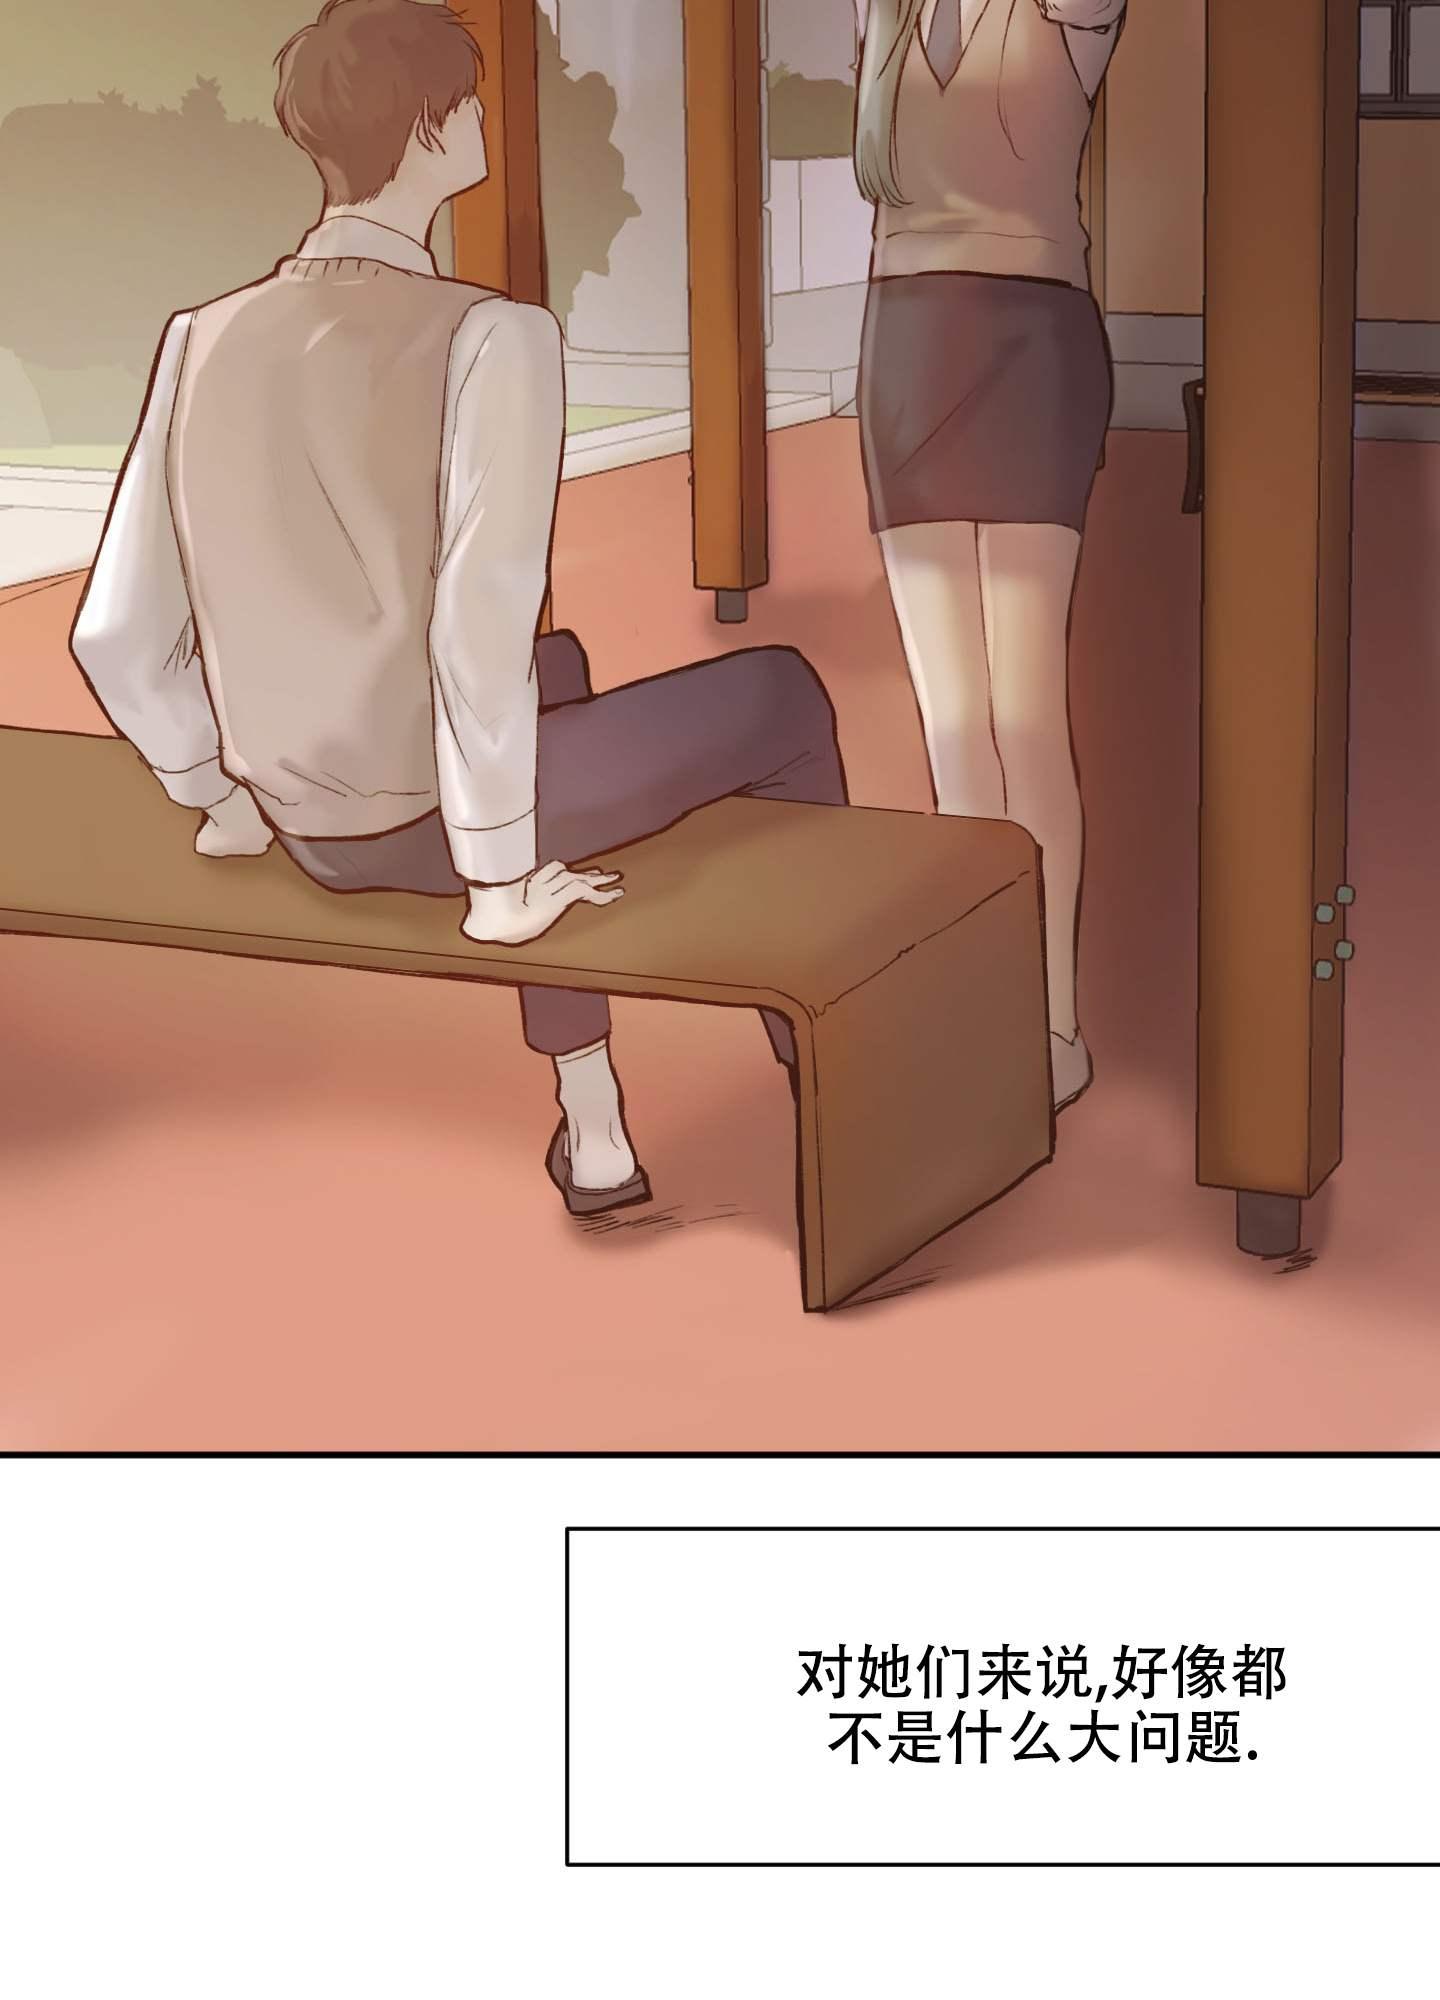 韩漫 |《恶魔的低语》年下痞老板,上来就扑倒!  第23张